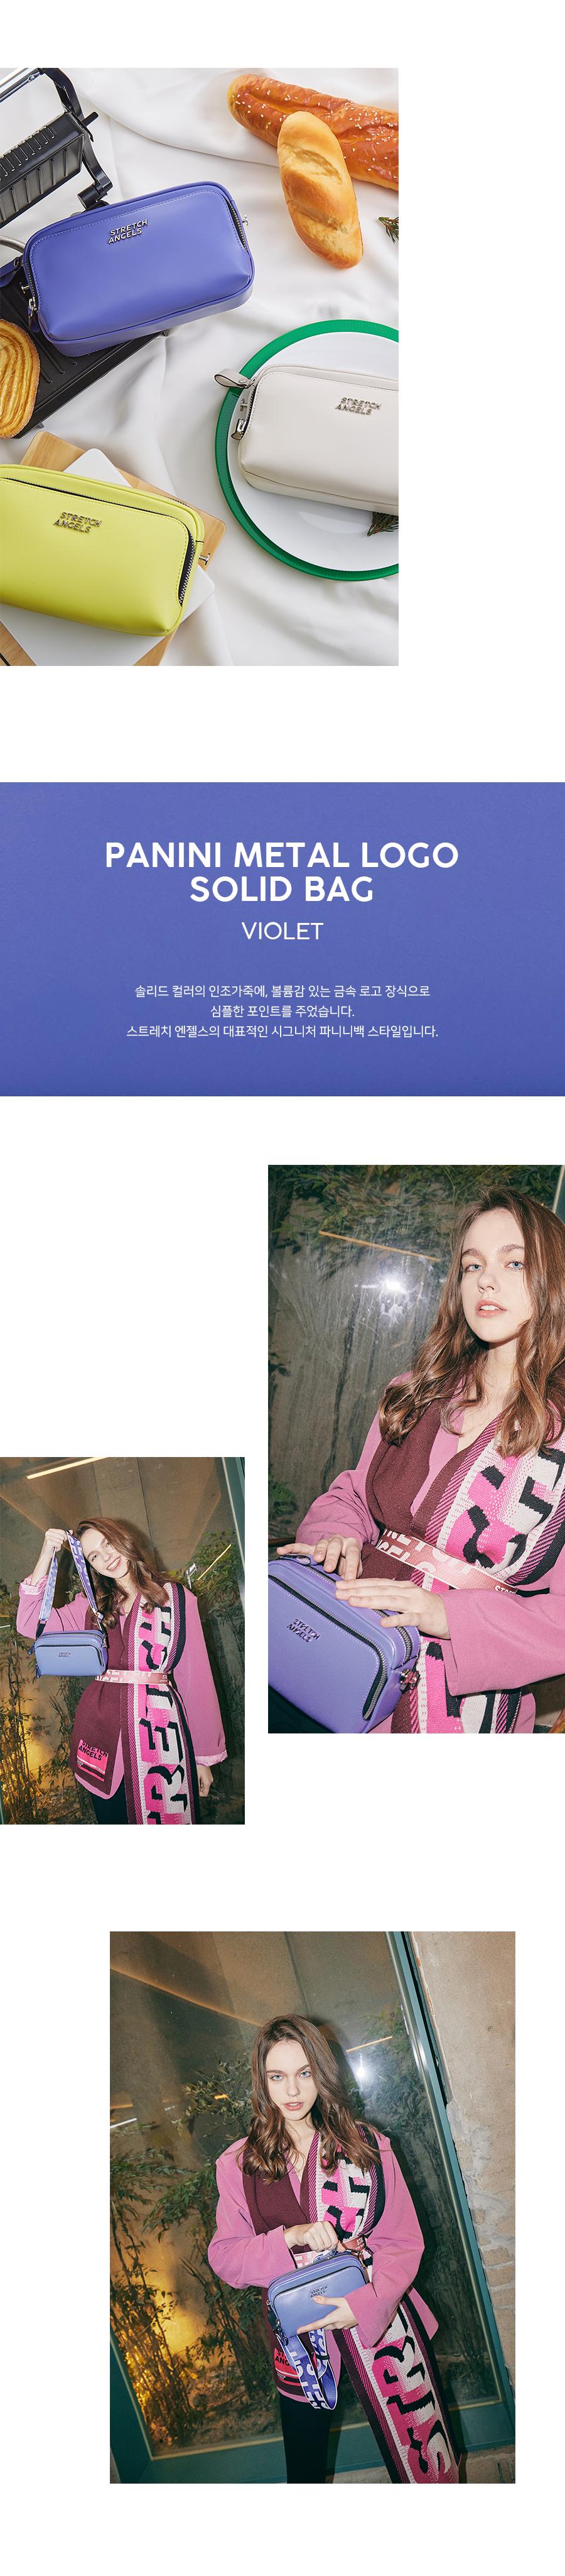 스트레치 엔젤스(STRETCH ANGELS) [파니니백]PANINI metal logo solid bag (Violet)